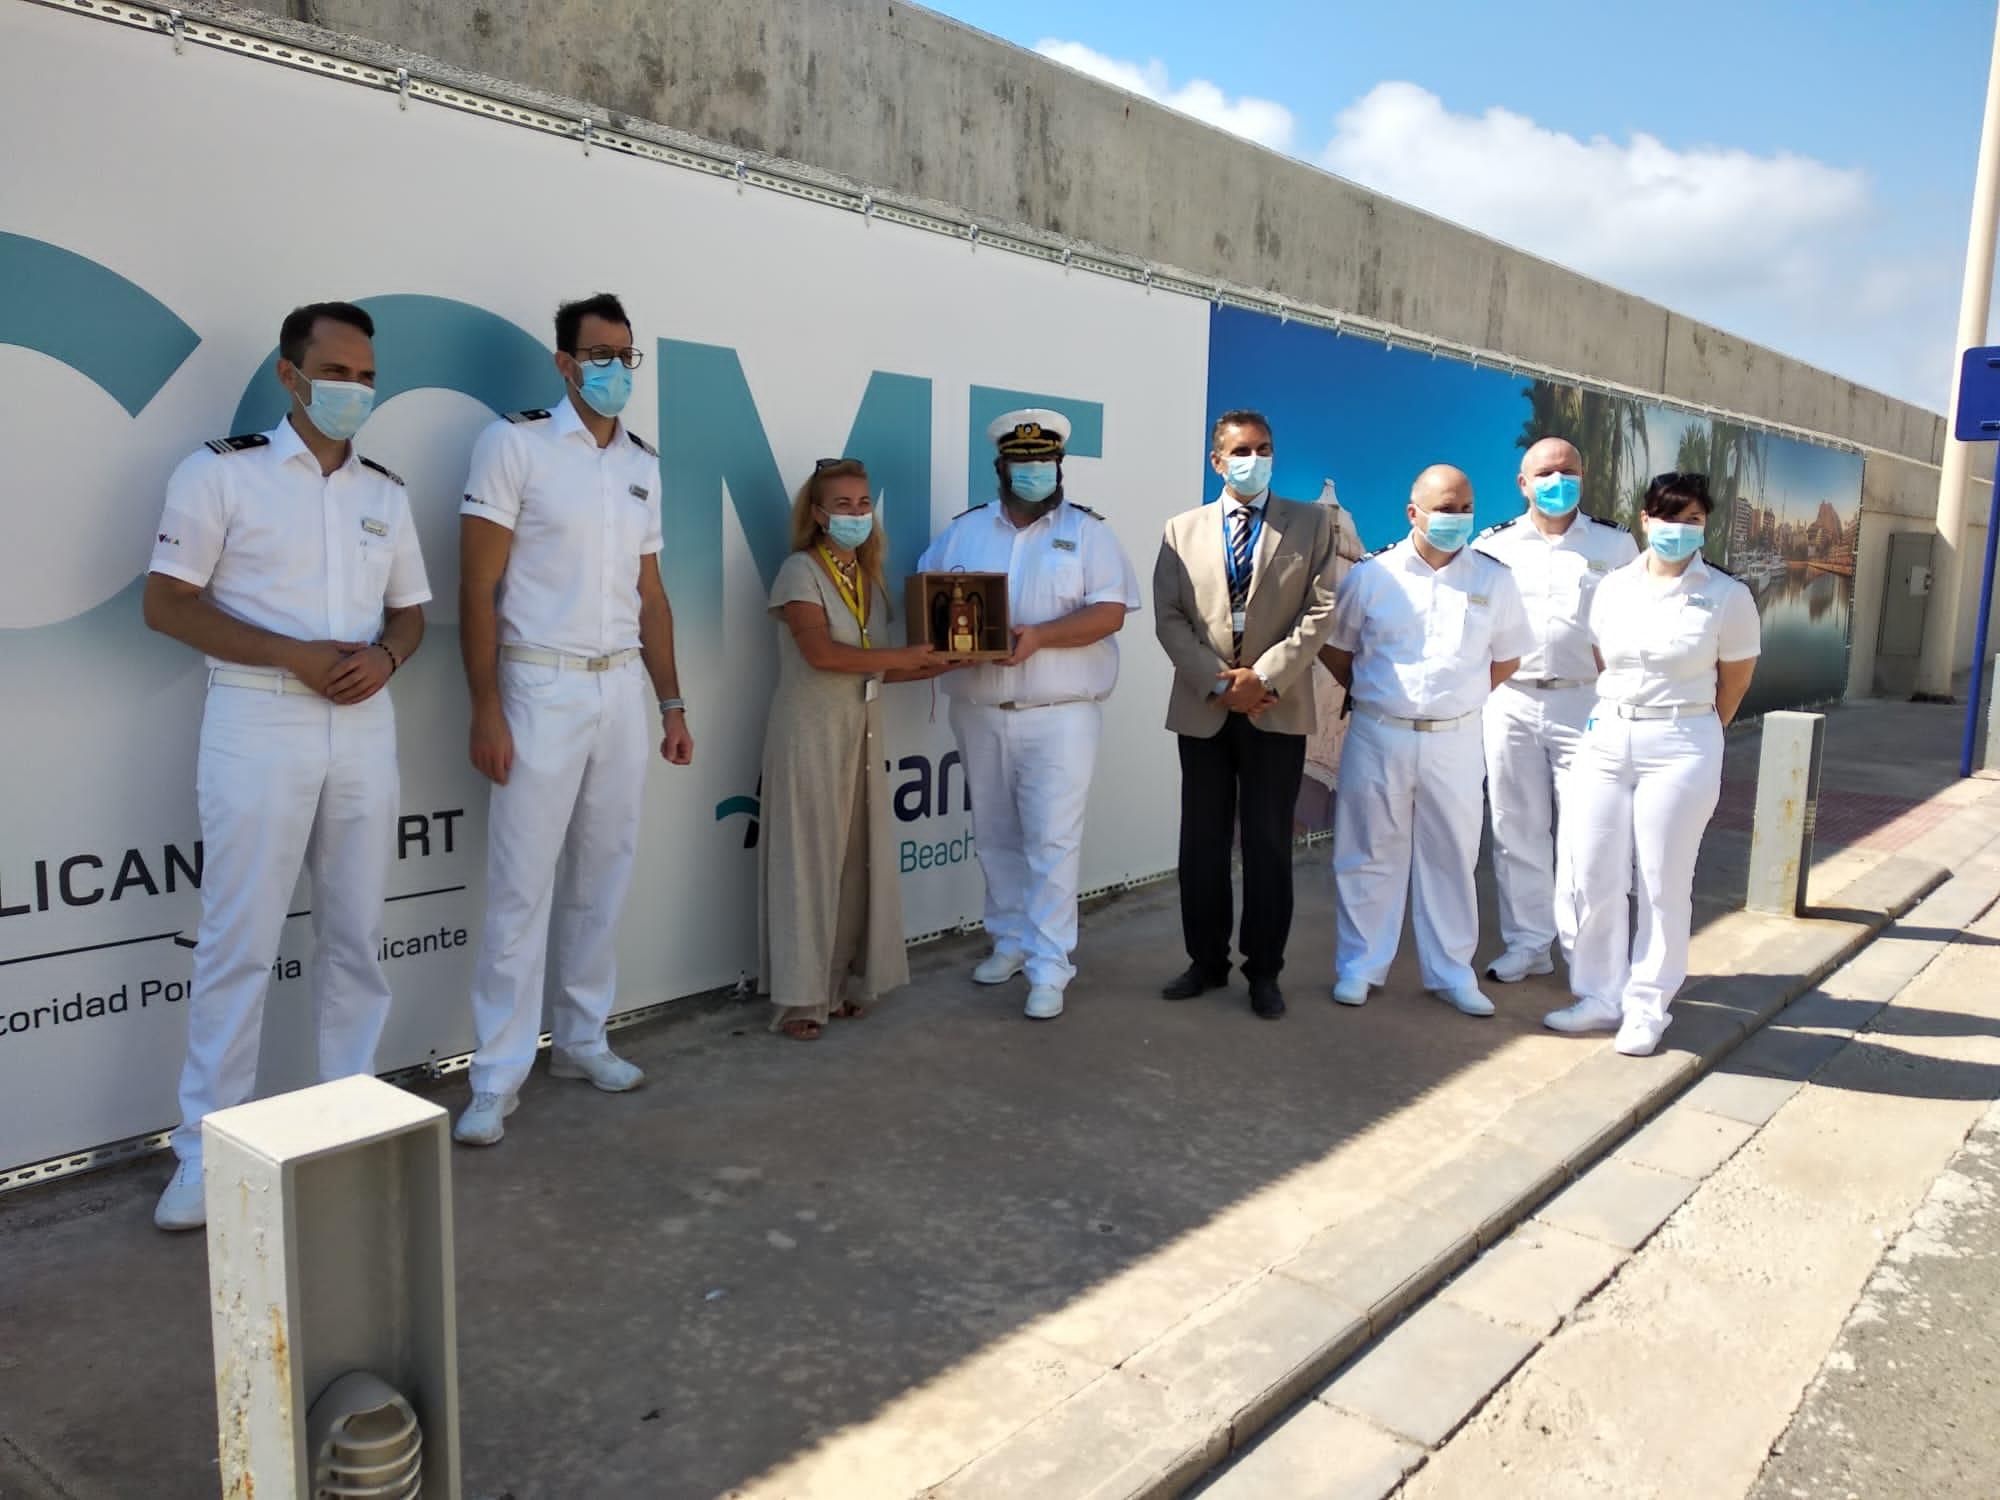 El crucero Aida Perla hace su primera escala en el Puerto de Alicante